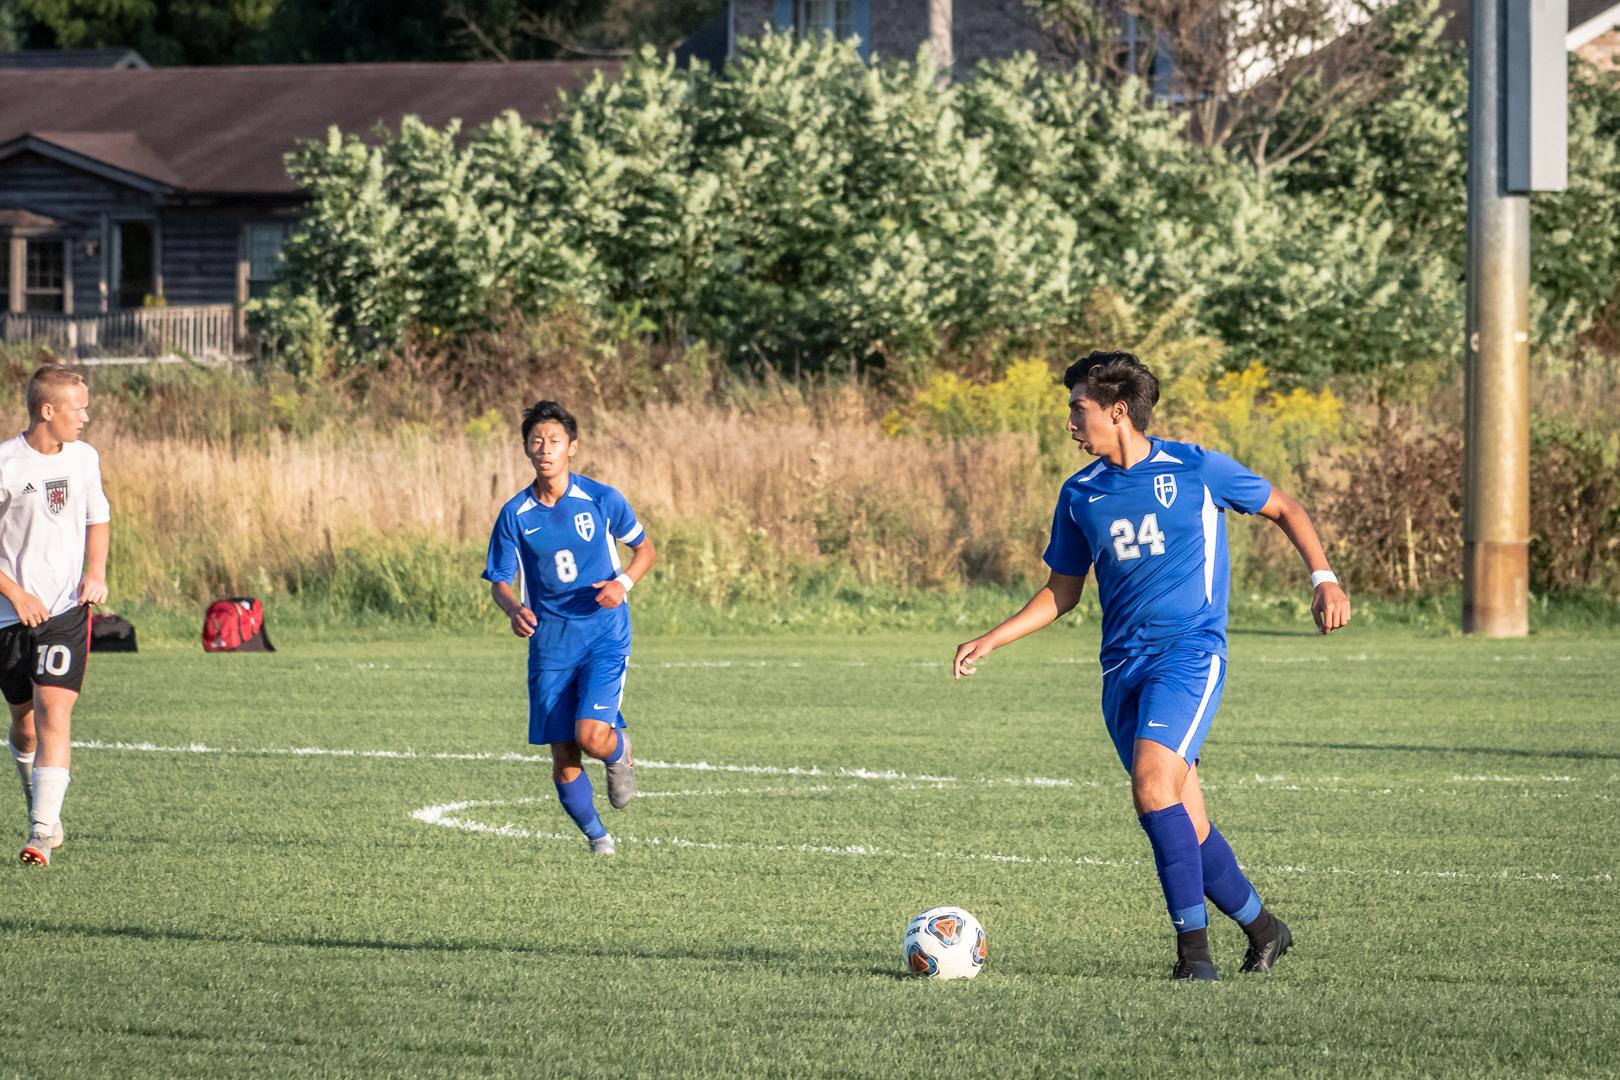 Marian-Varsity-Boys-Soccer-9324.jpg